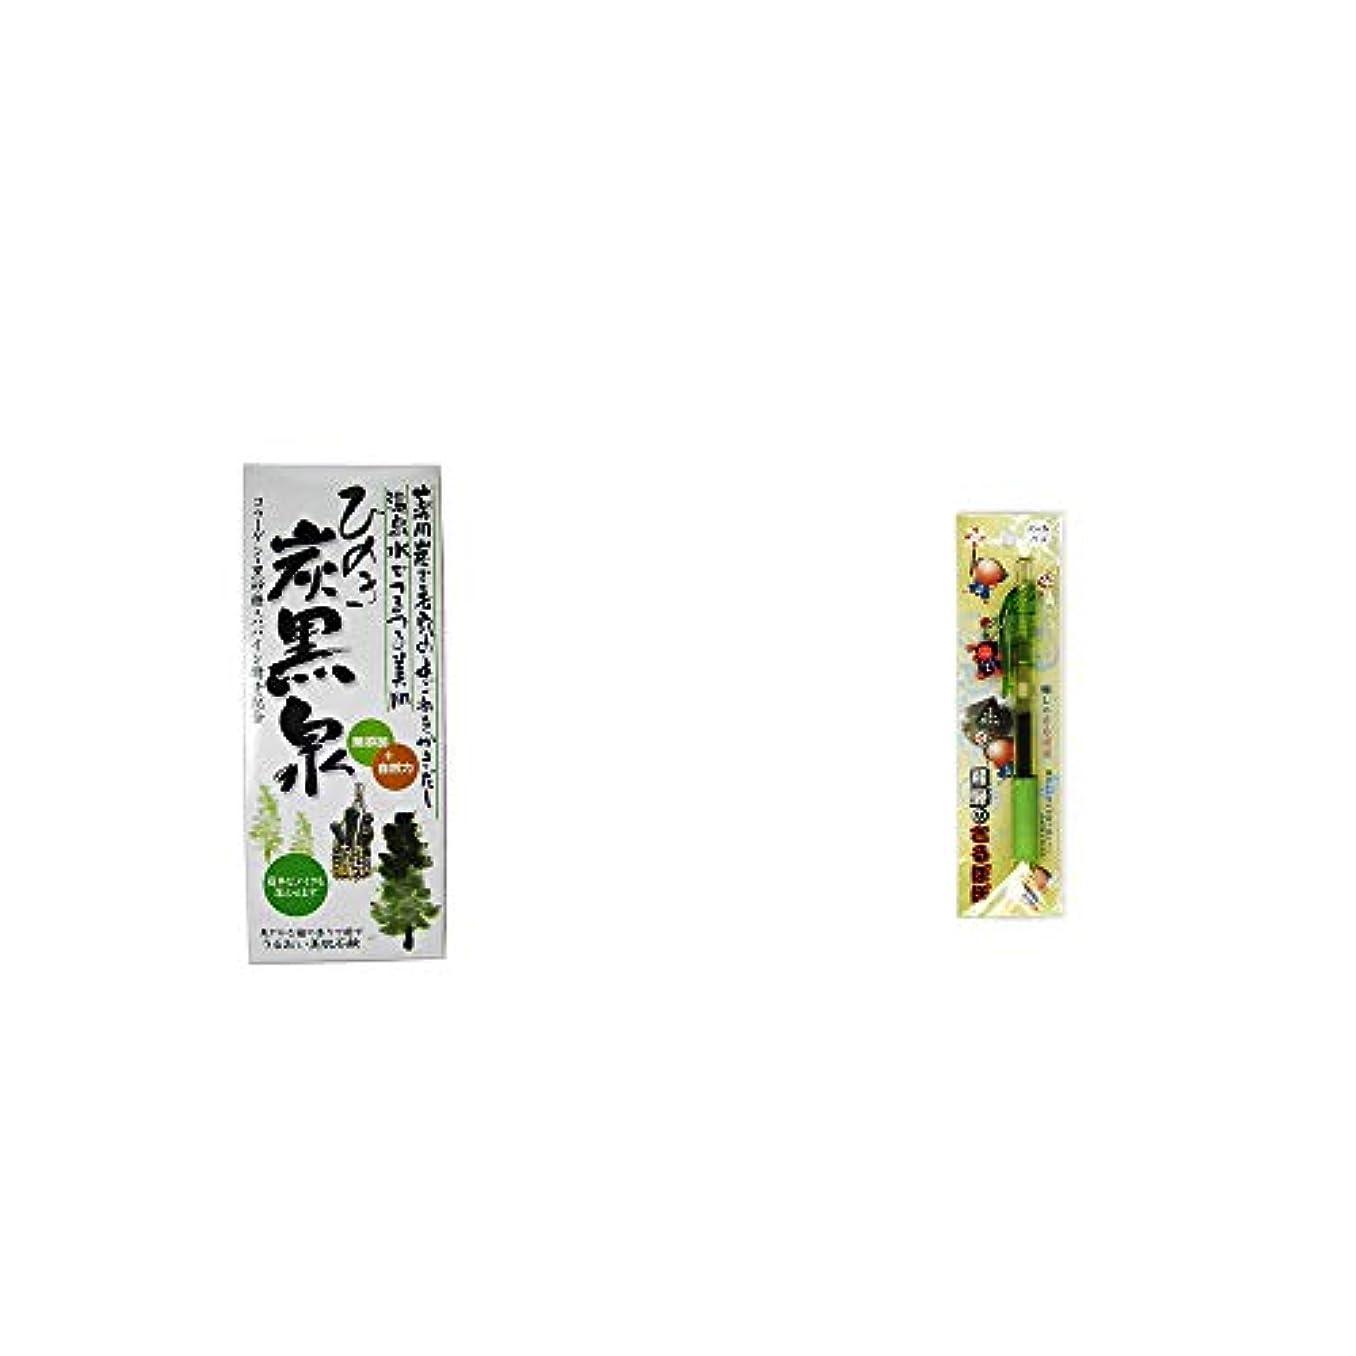 書店牧師郵便局[2点セット] ひのき炭黒泉 箱入り(75g×3)?さるぼぼ 癒しボールペン 【グリーン】